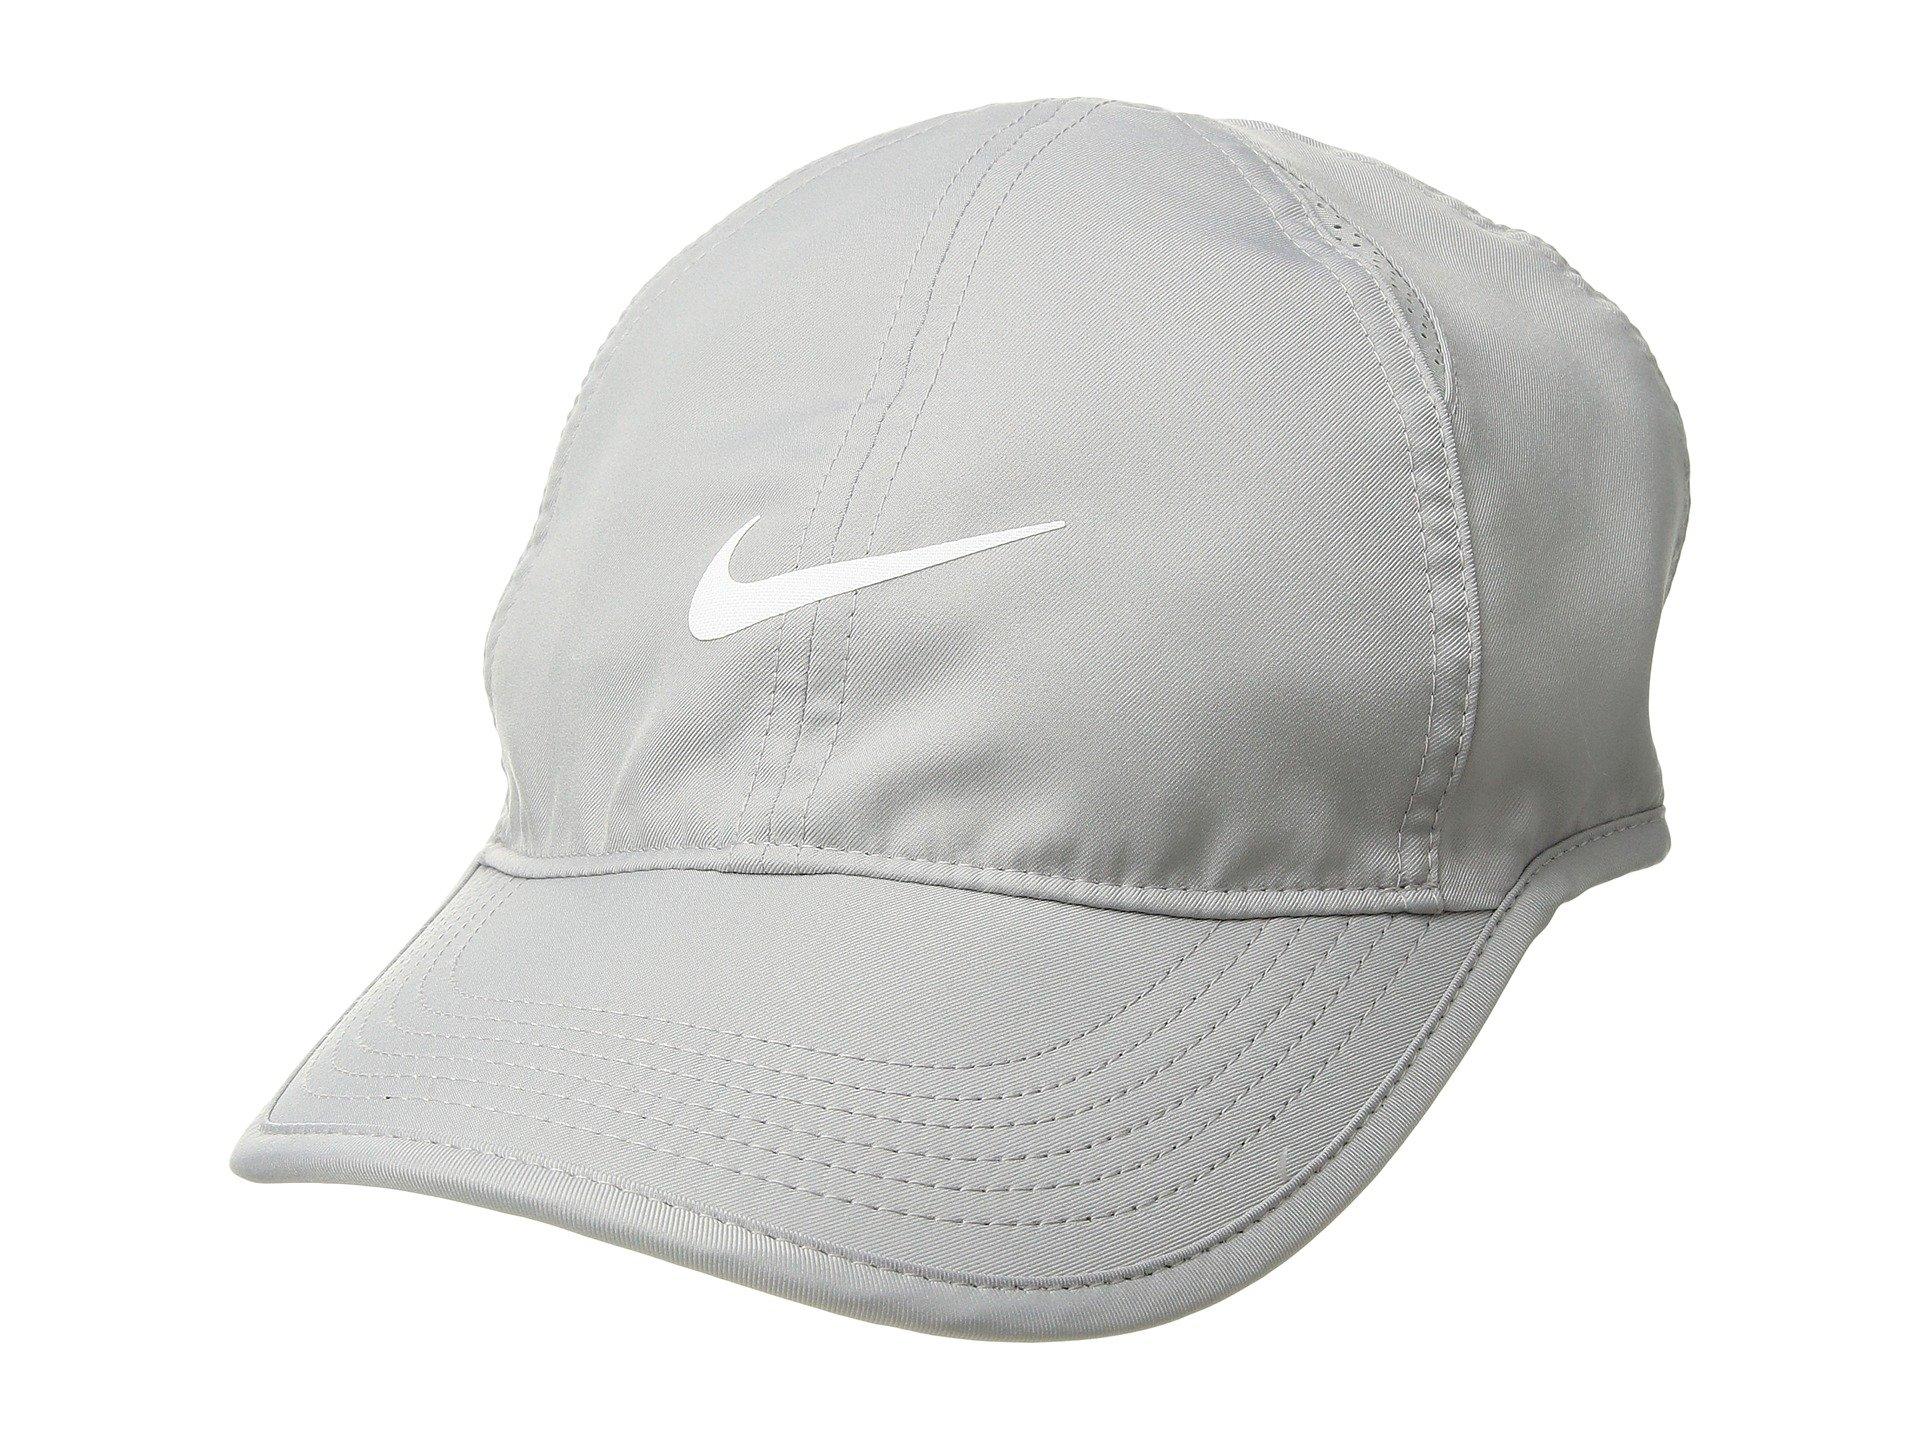 NIKE Women's NikeCourt AeroBill Featherlight Tennis Cap Atmosphere Grey/Black/White 1-Size (Atmosphere Grey/Black/White)